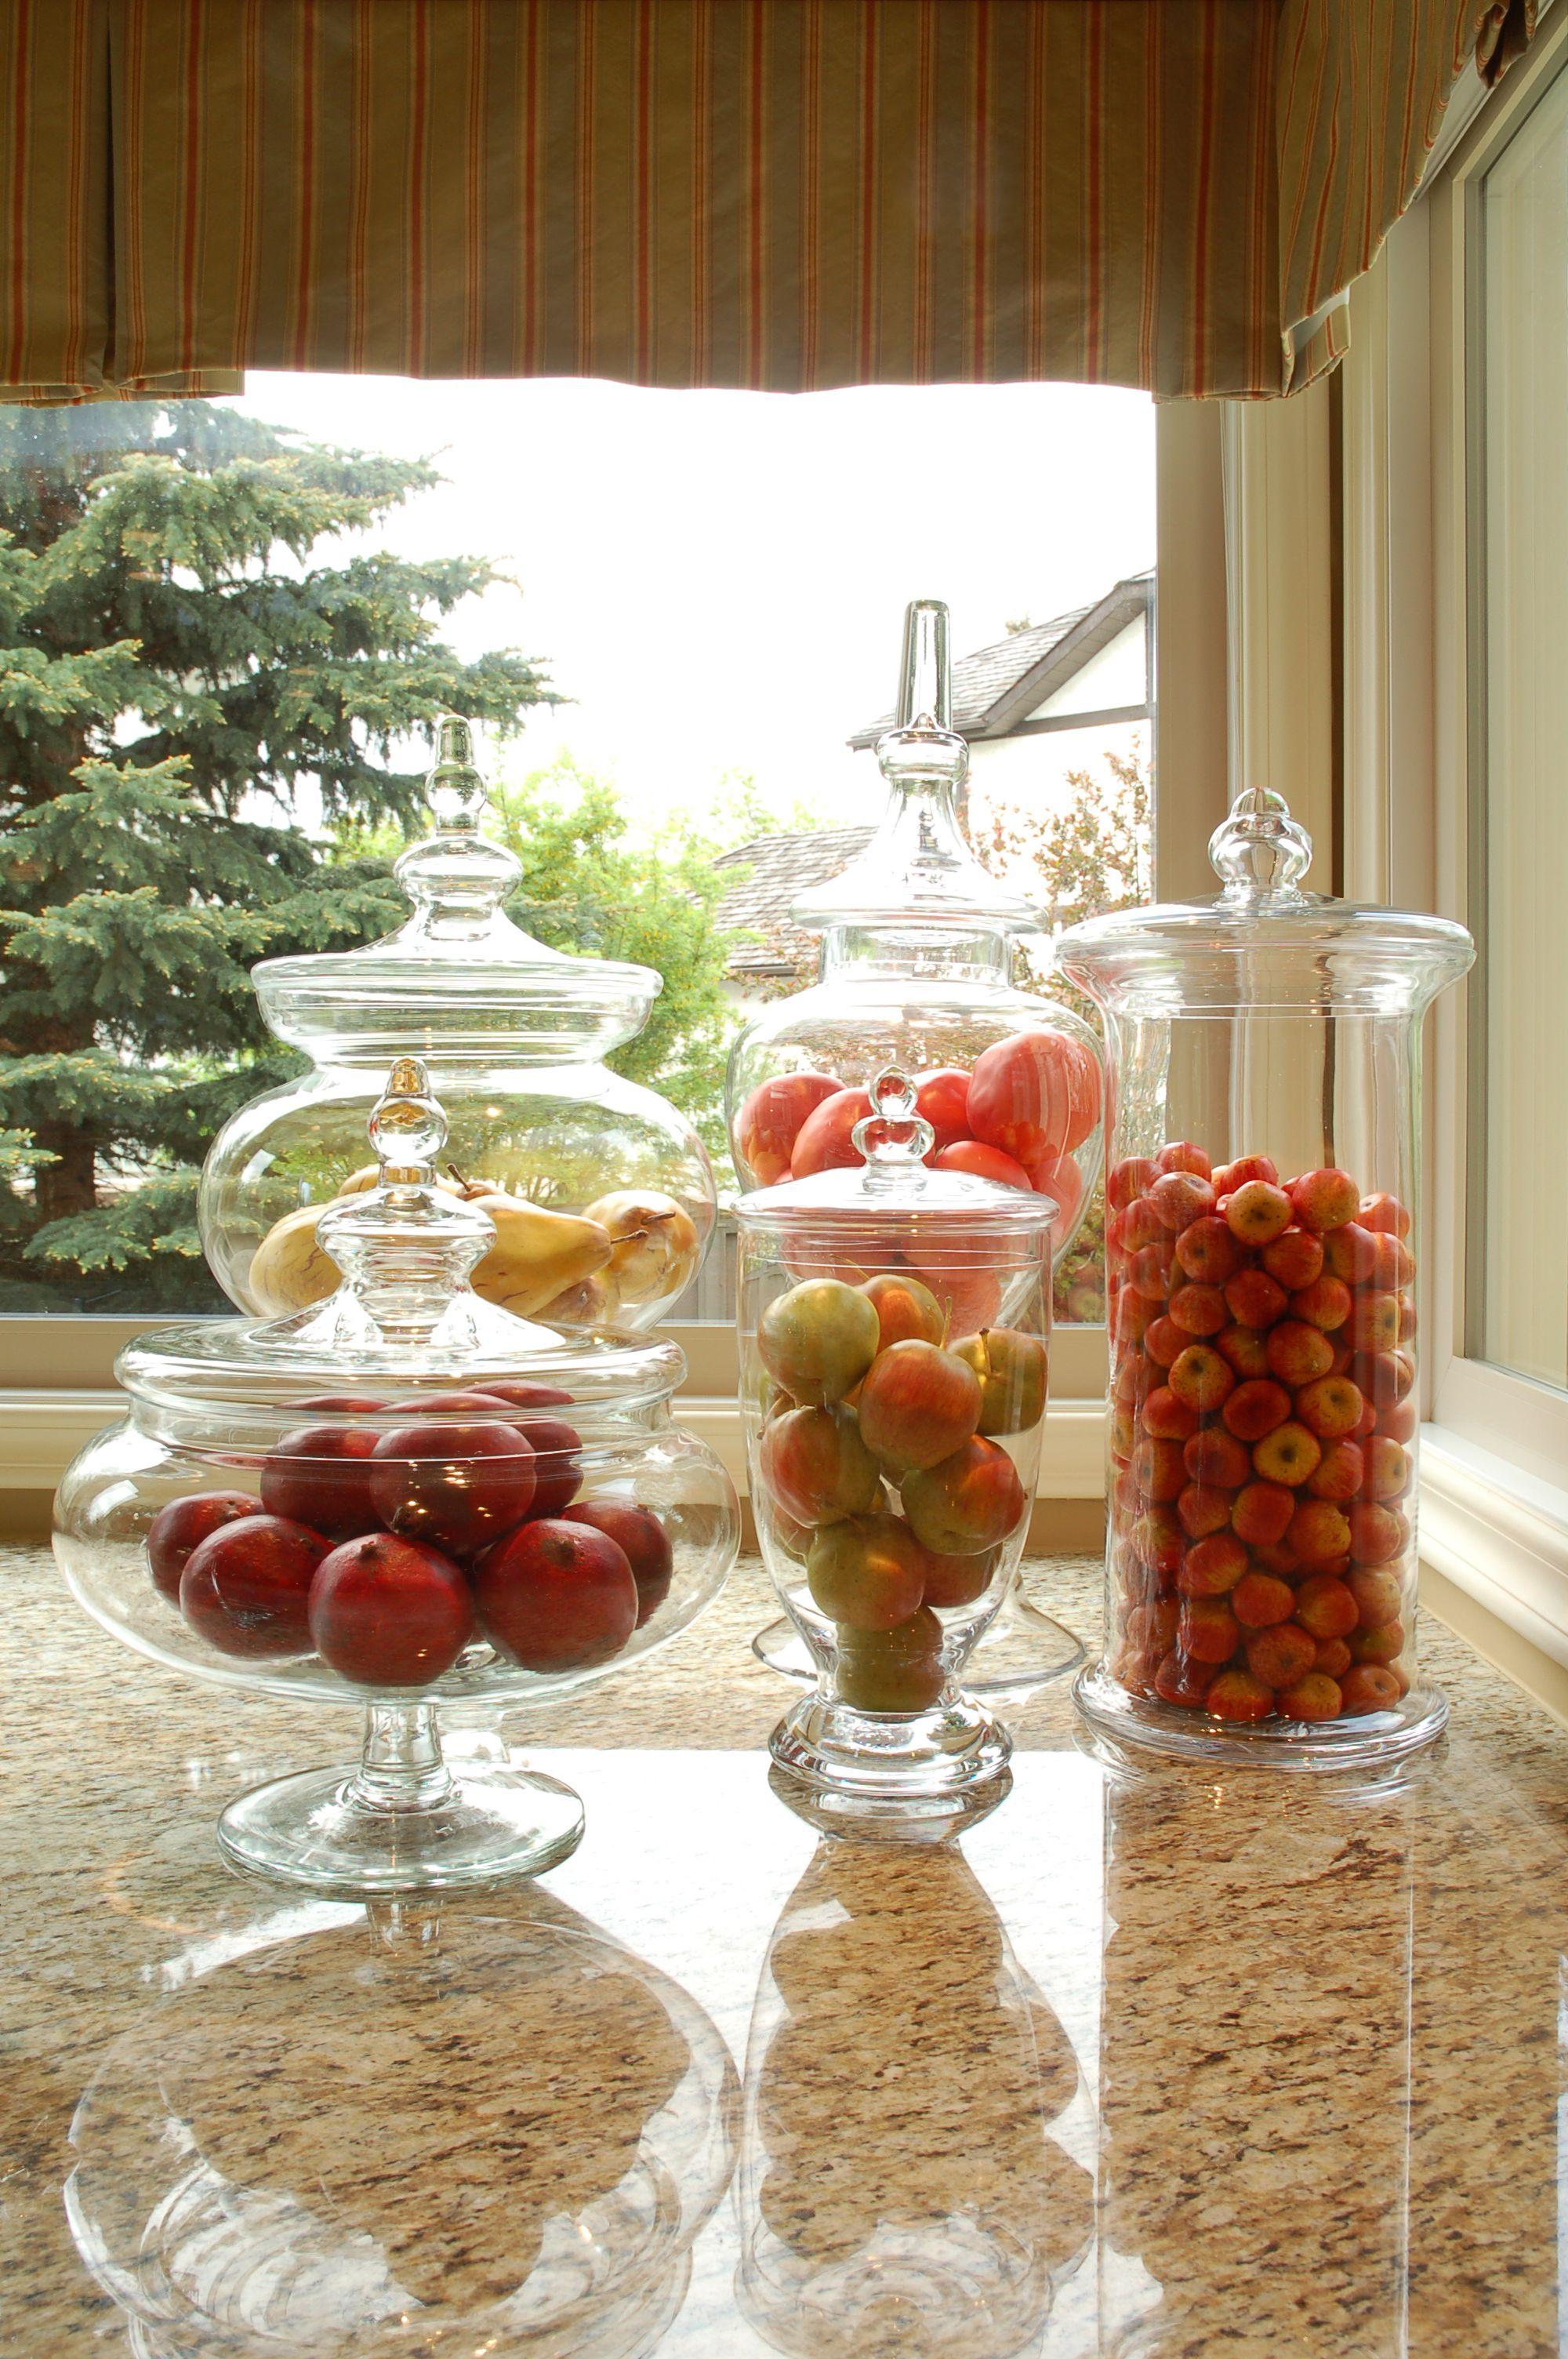 Corea Sotropa Interior Design On Wordpress Com Apothecary Jars Decor Apothecary Decor Kitchen Counter Decor